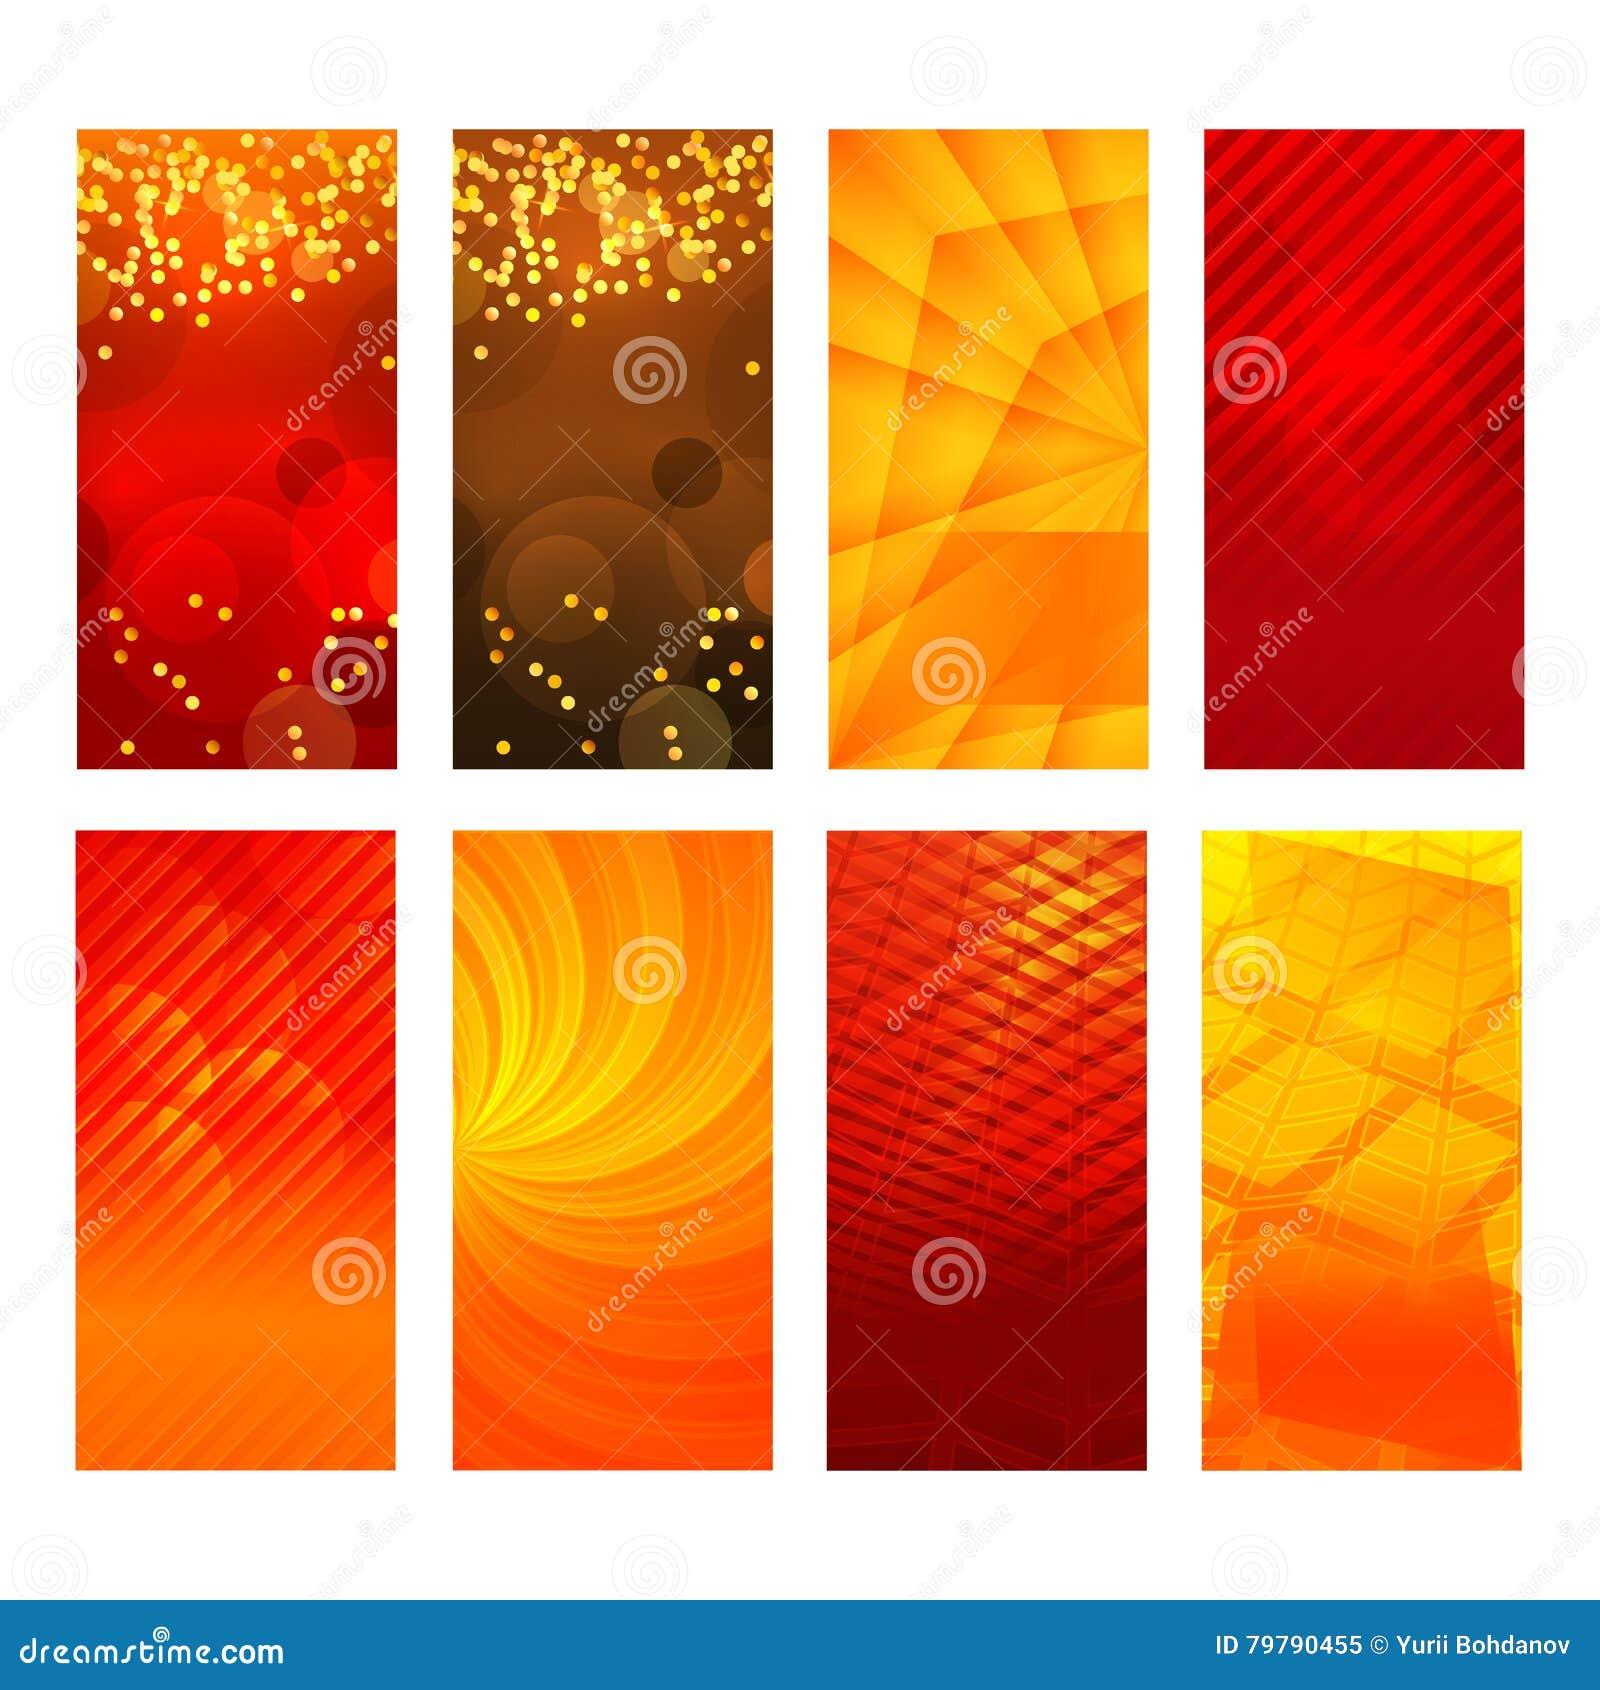 Design elements banner - Background Banner Business Card Elements